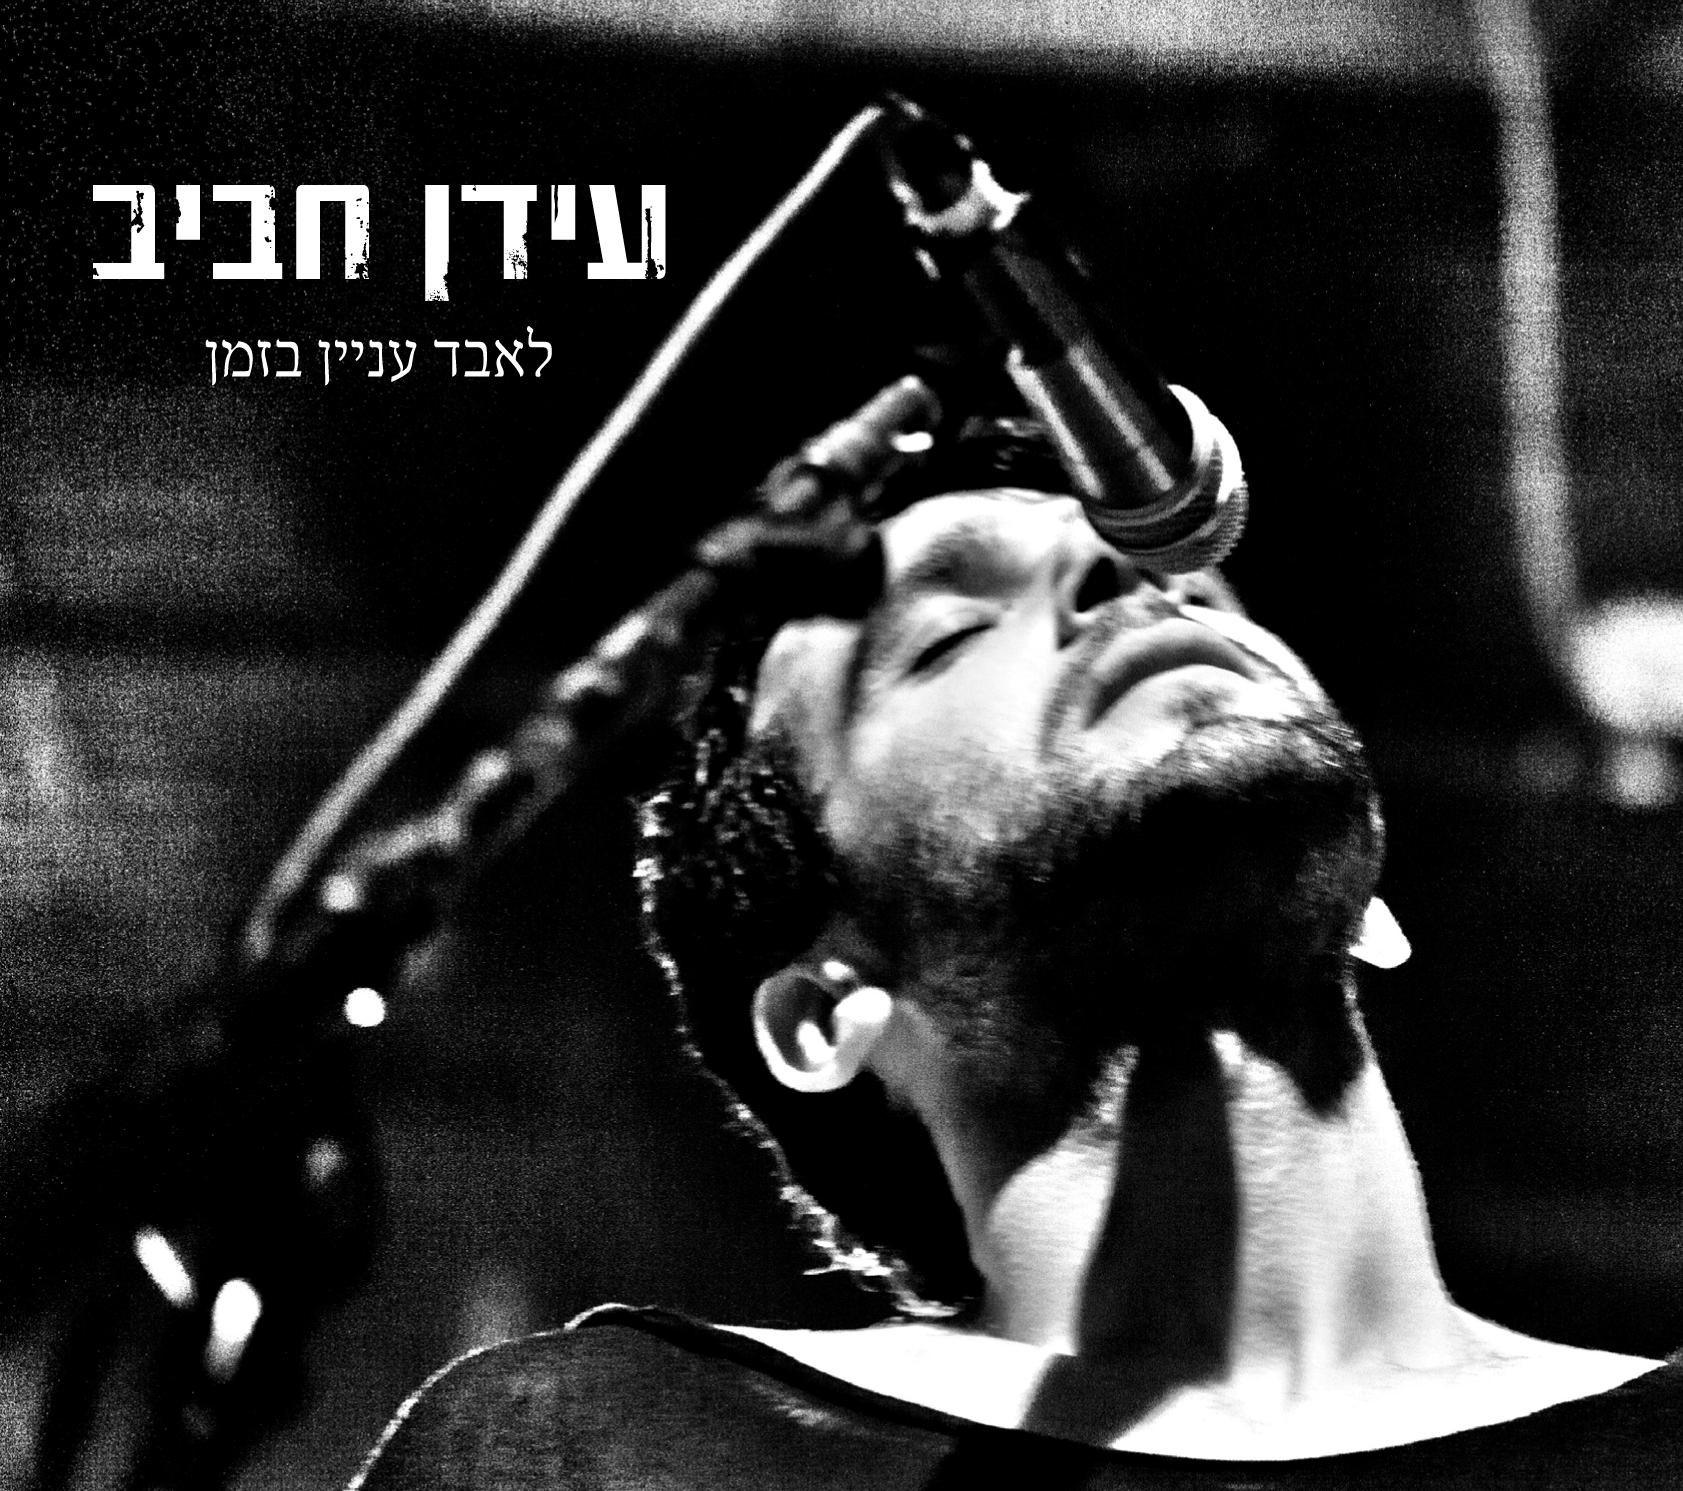 עידן חביב - לאבד עניין בזמן אלבום להורדה